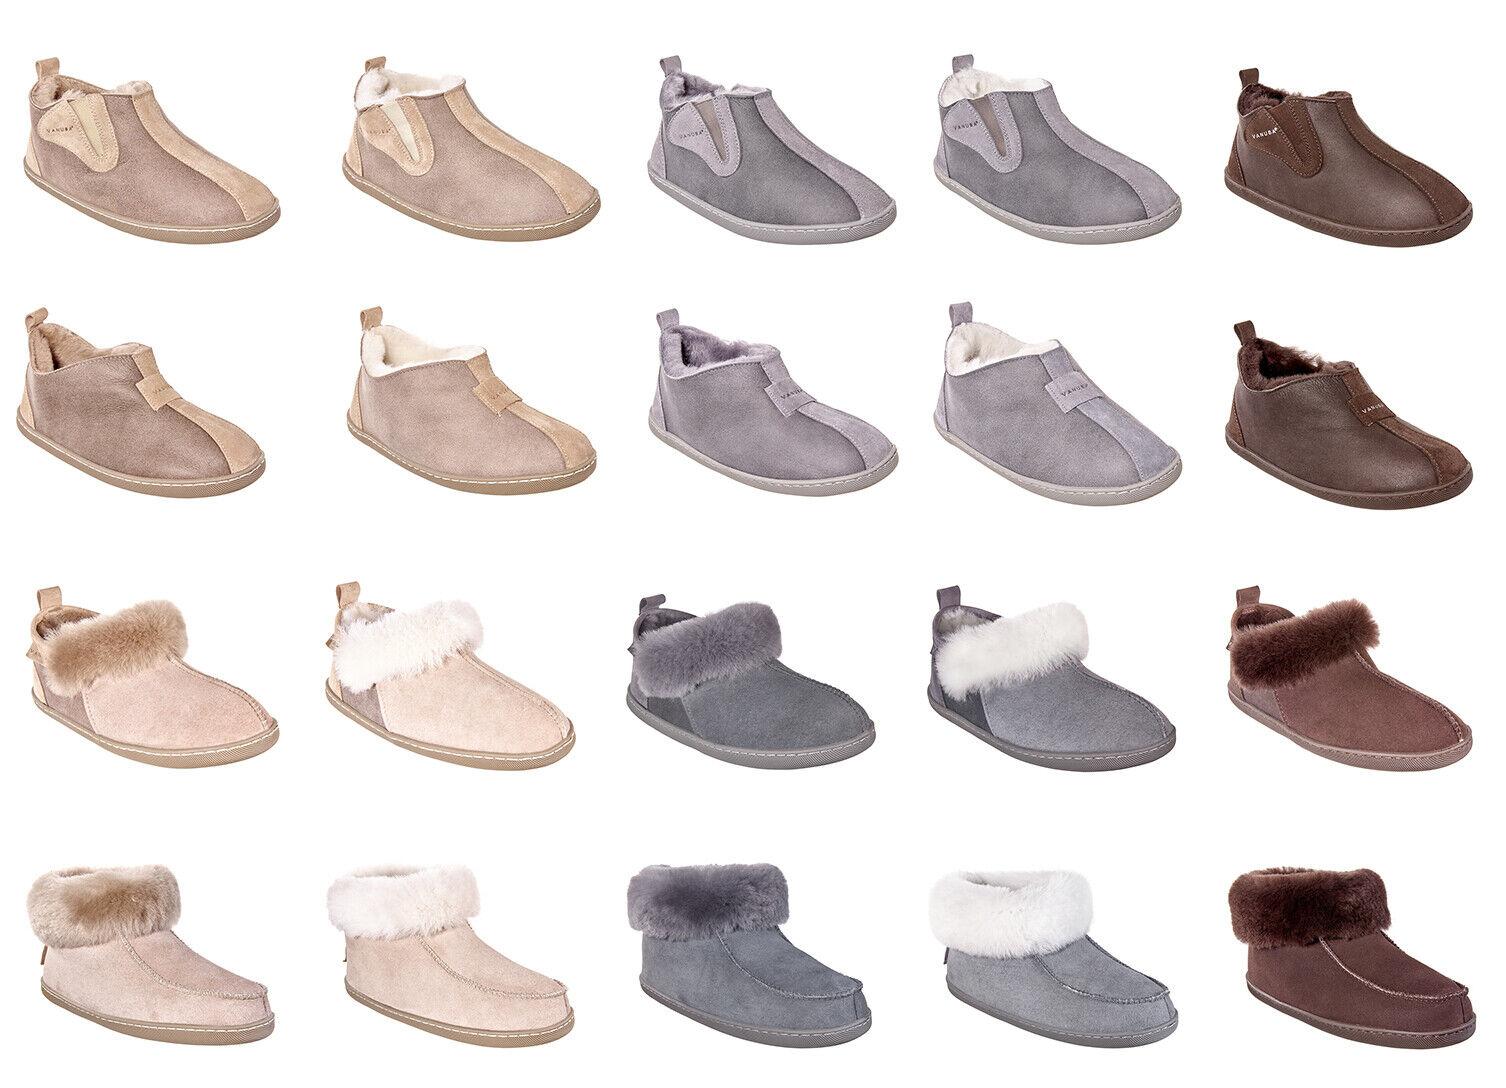 VÉRITABLE PEAU LAINEE femmes Velour Cuir Pantoufles chaussures Basses Laine Doubleure